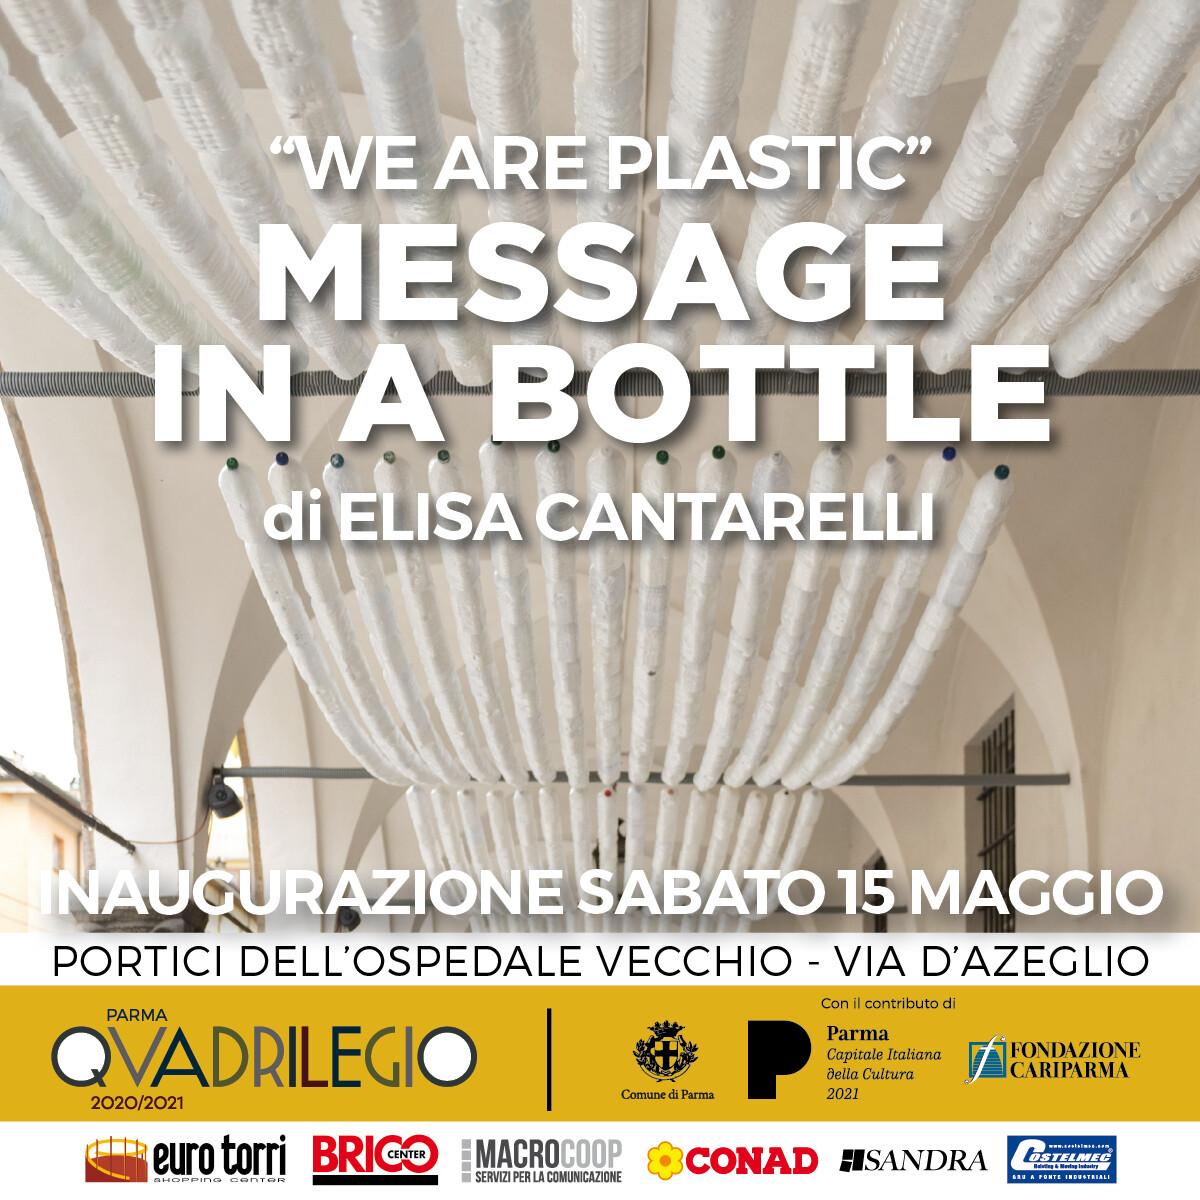 We are plastic - Message in a Bottle Il progetto dell'artista Elisa Cantarelli finalista del Rossana Orlandi Prize